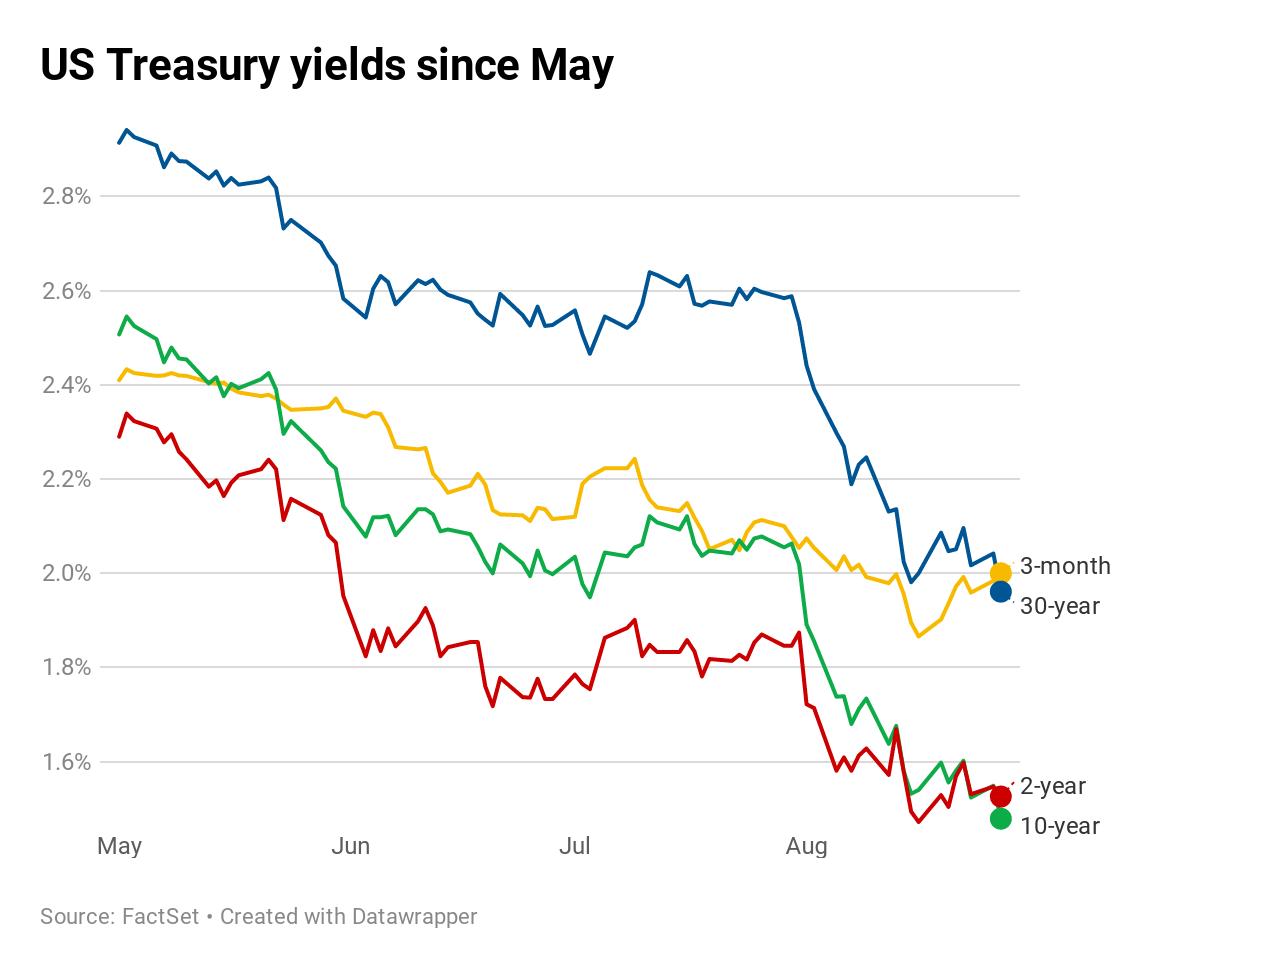 Thêm tín hiệu tiêu cực về thương mại và suy thoái, chứng khoán Mỹ đóng cửa trong sắc đỏ - Ảnh 2.